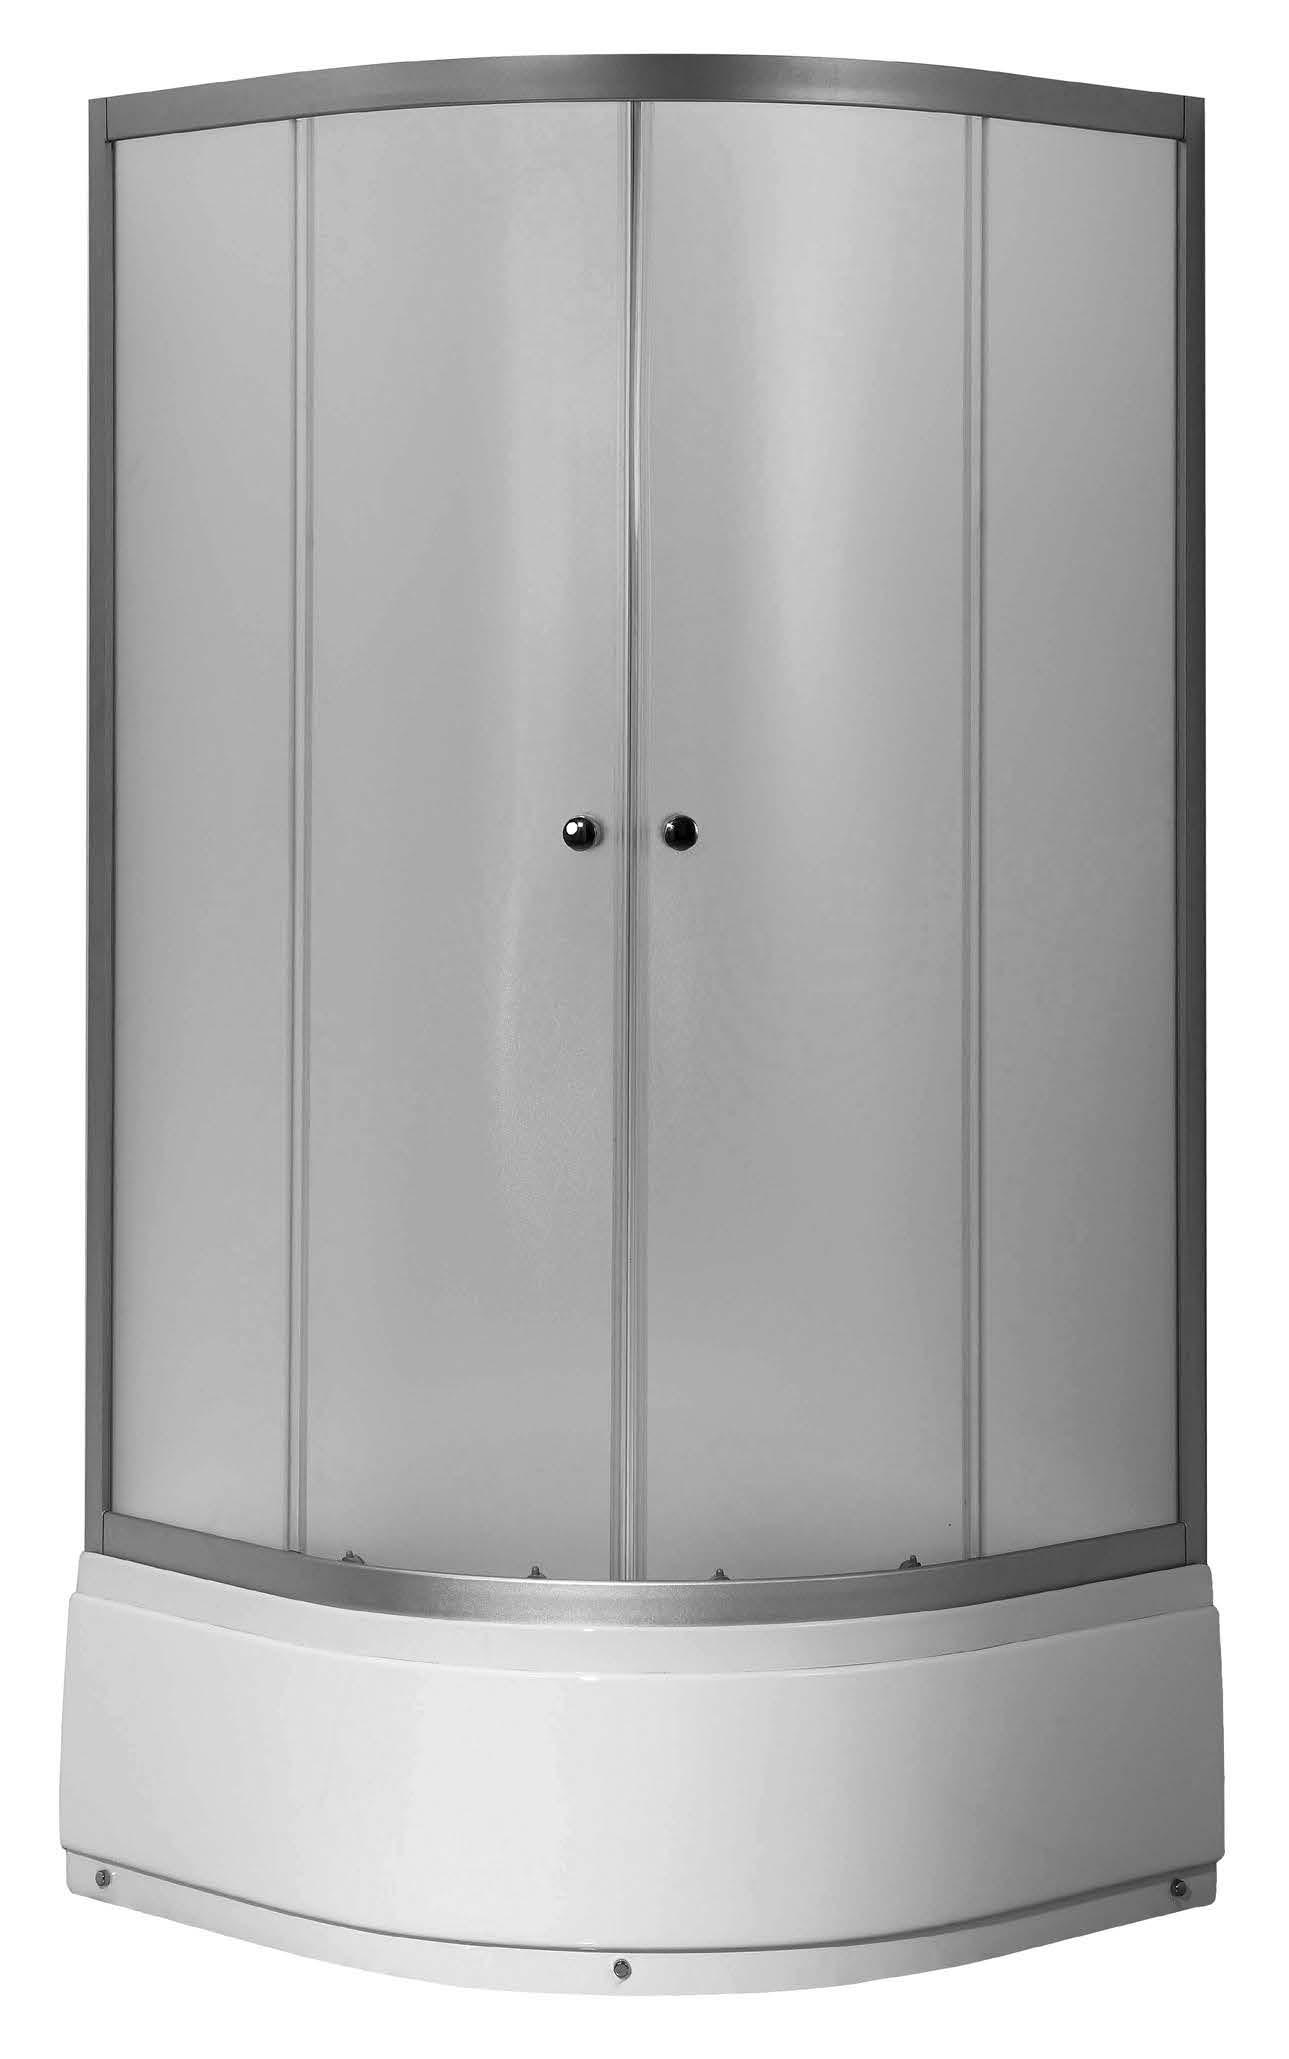 VIESTE HIGH 80 Woven Well sprchový kout s vysokou vaničkou, skladem